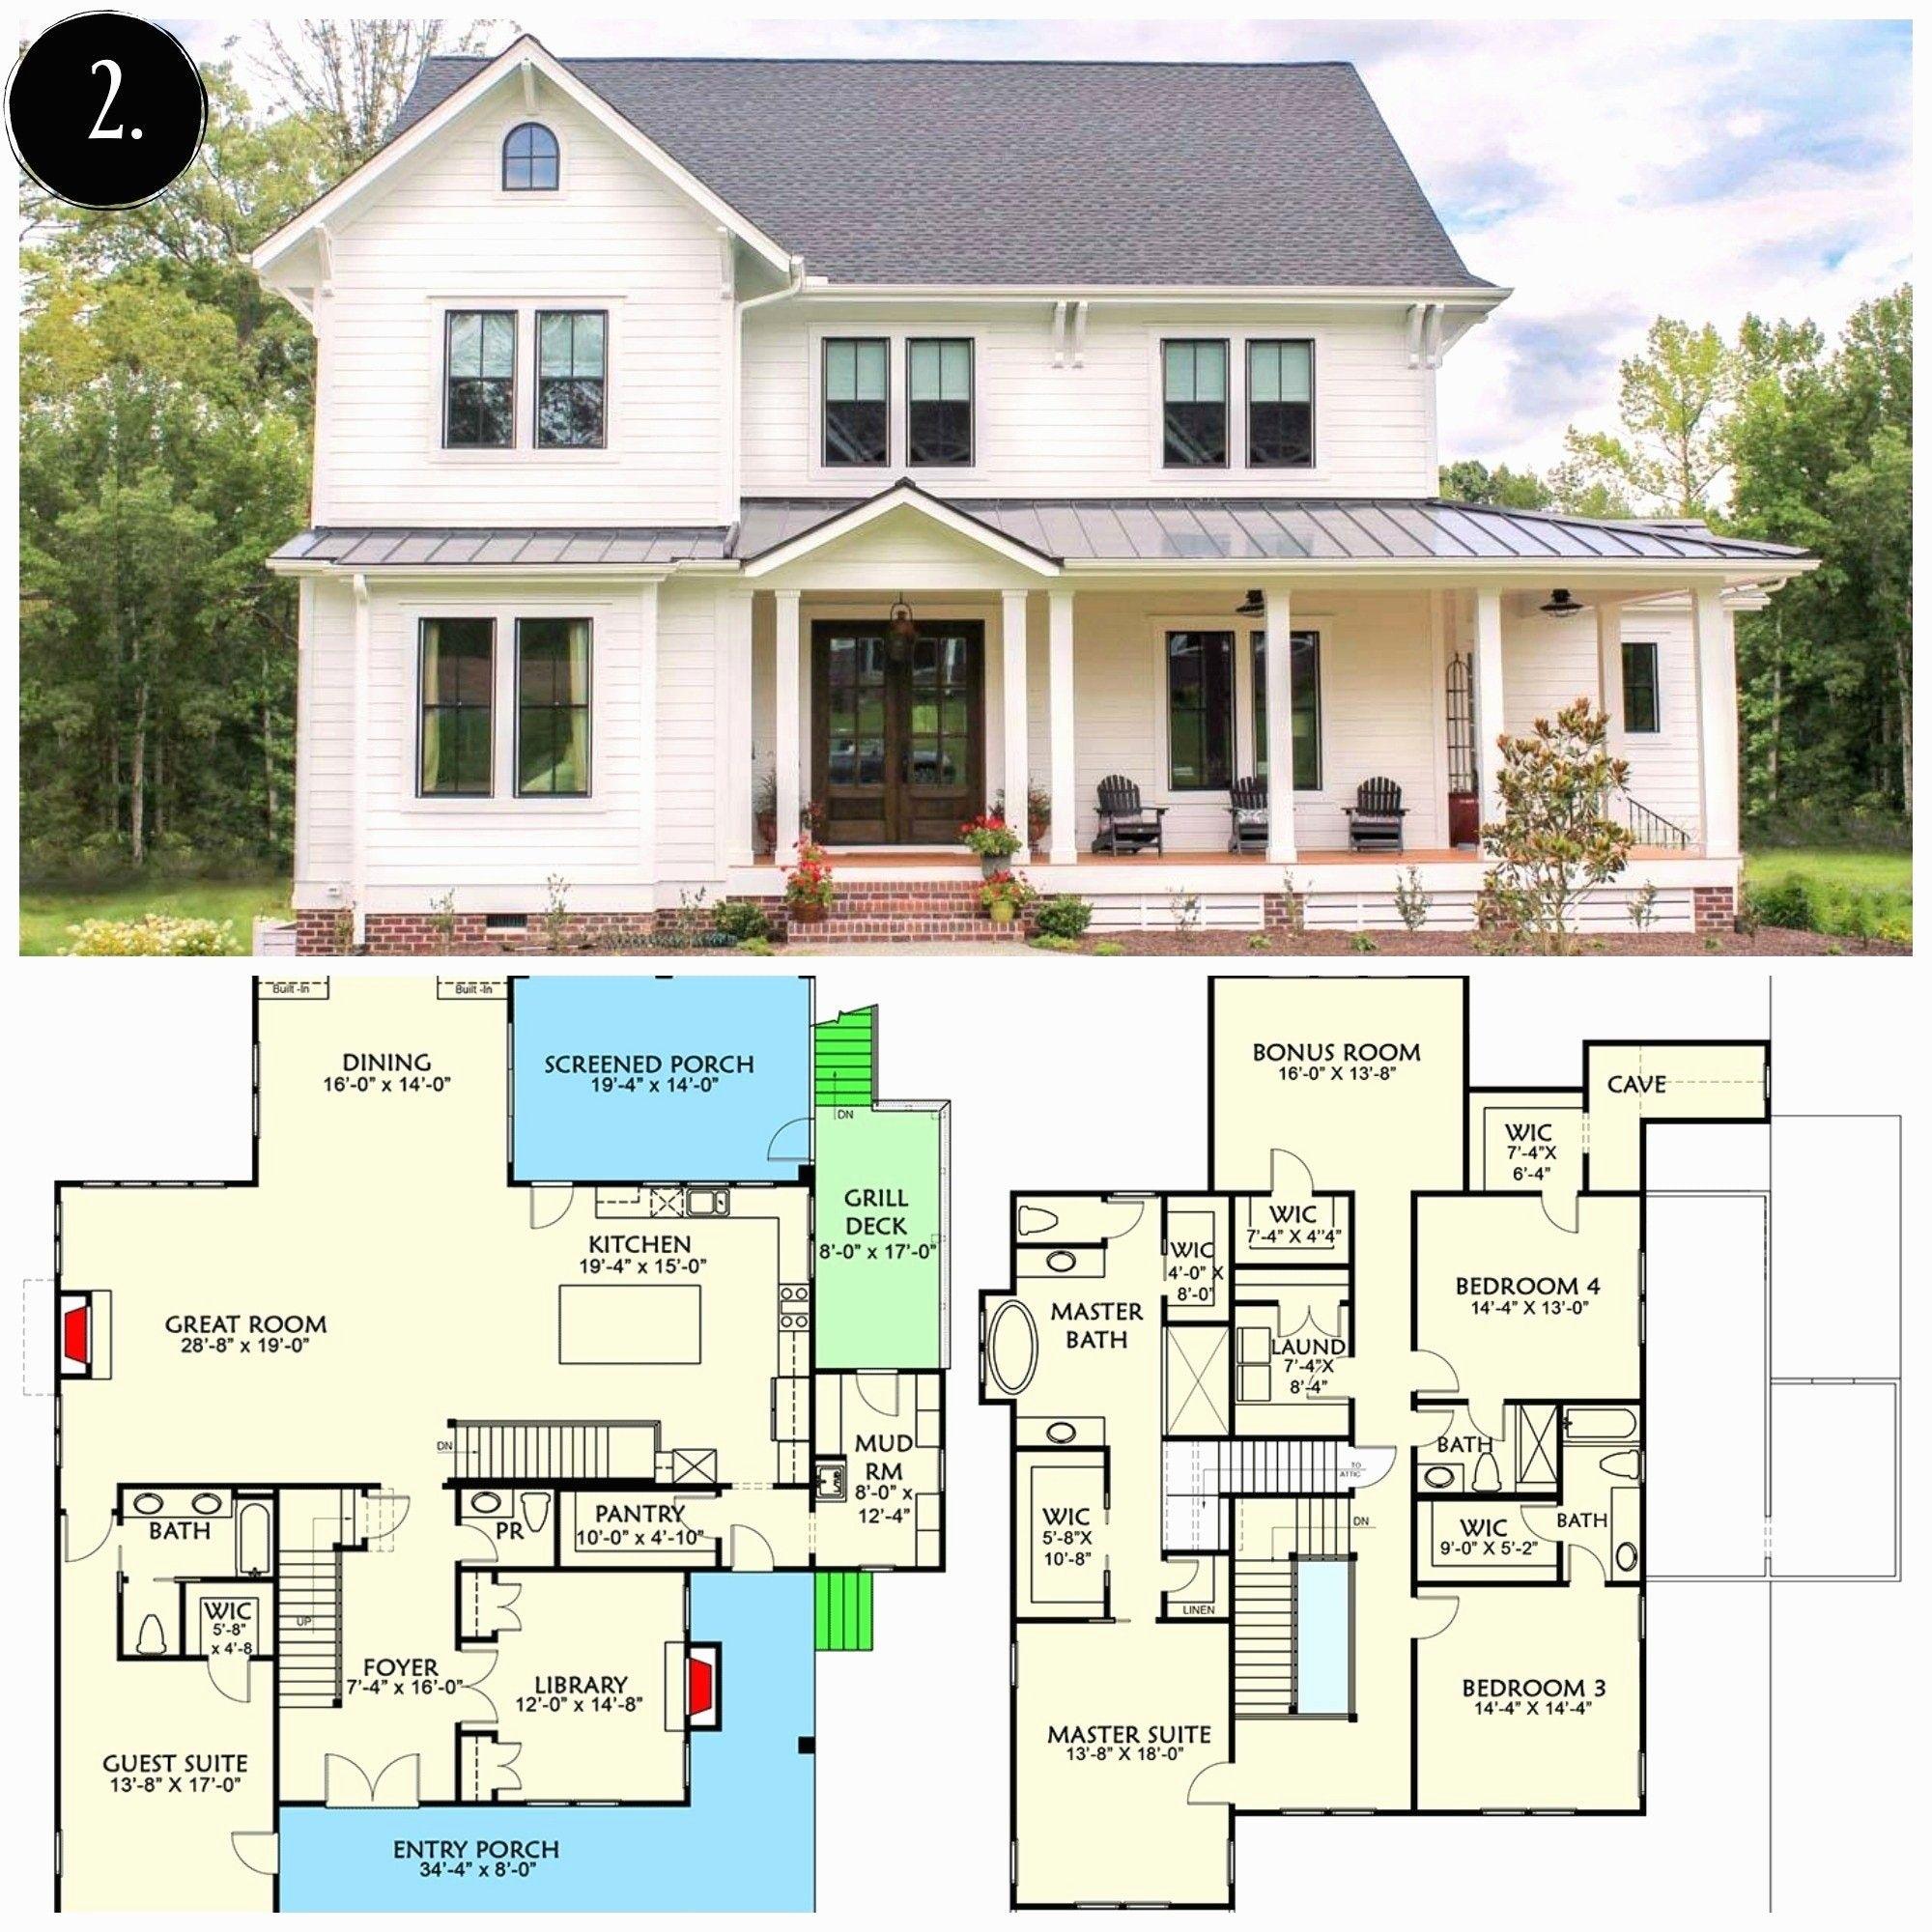 Minecraft Lets Build A Modern House Smart Ideas Keralis Blueprints Let S Heaven Kingdom House Plans Farmhouse Modern Farmhouse Plans Farmhouse Floor Plans